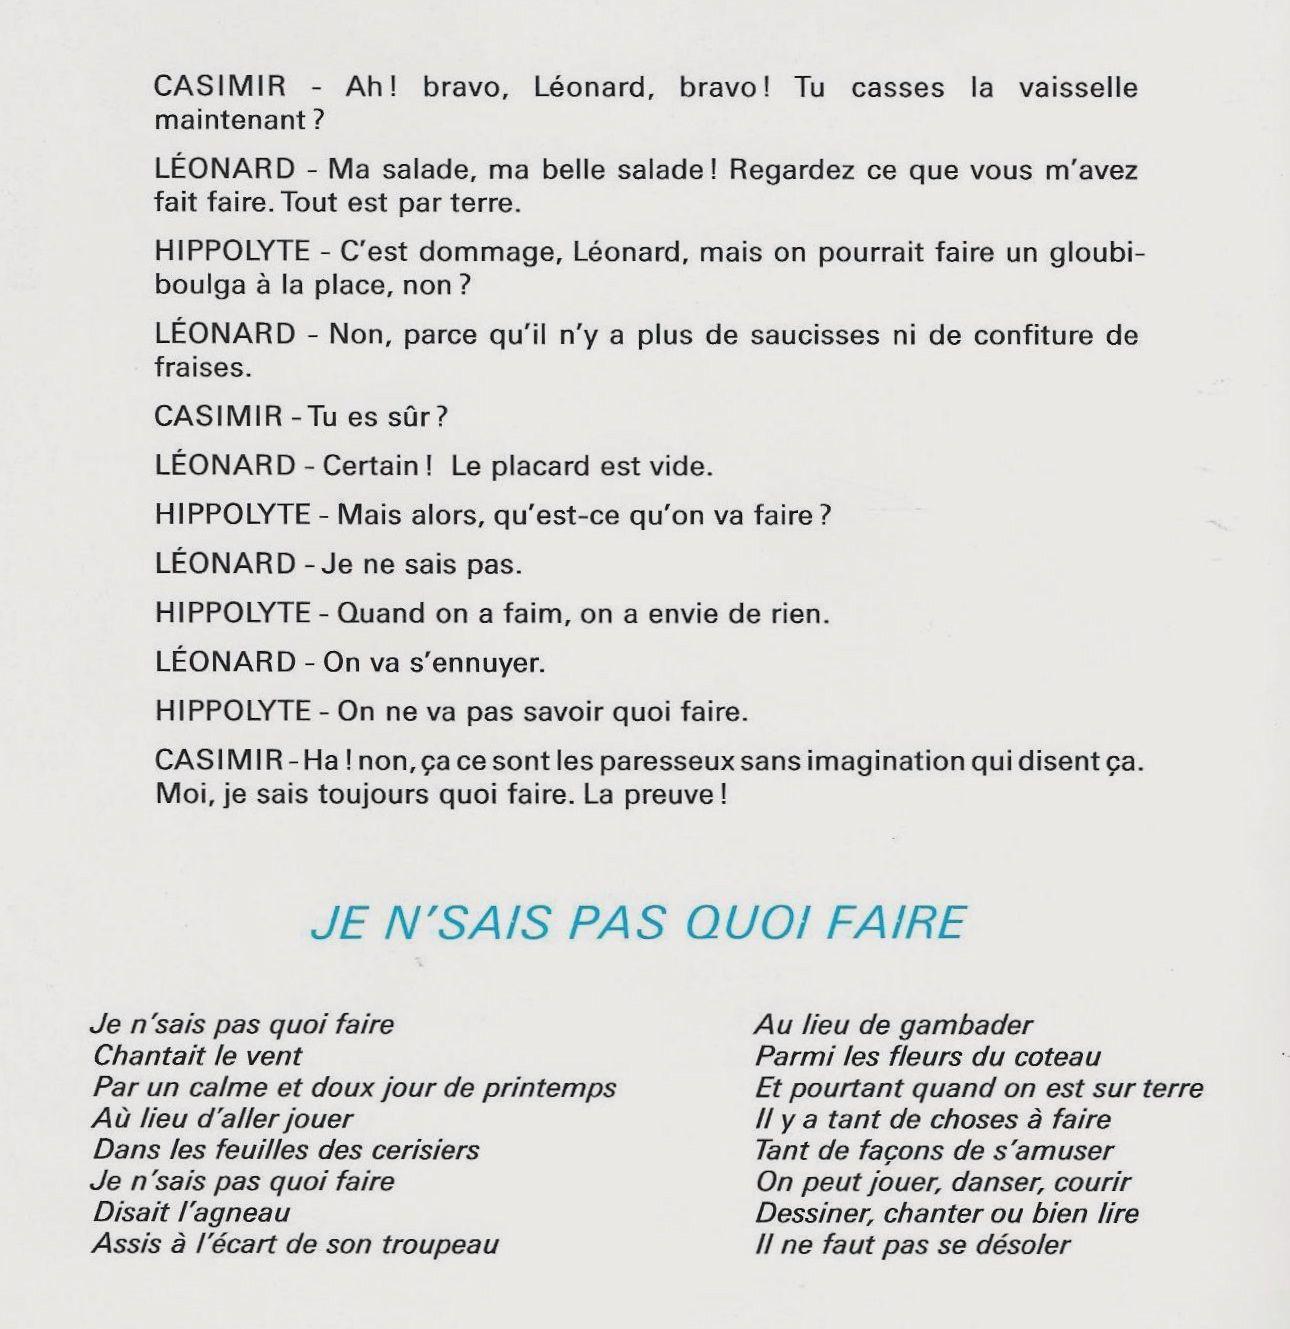 http://grenierdelatv.free.fr/2/casimirdejeuner14.jpg